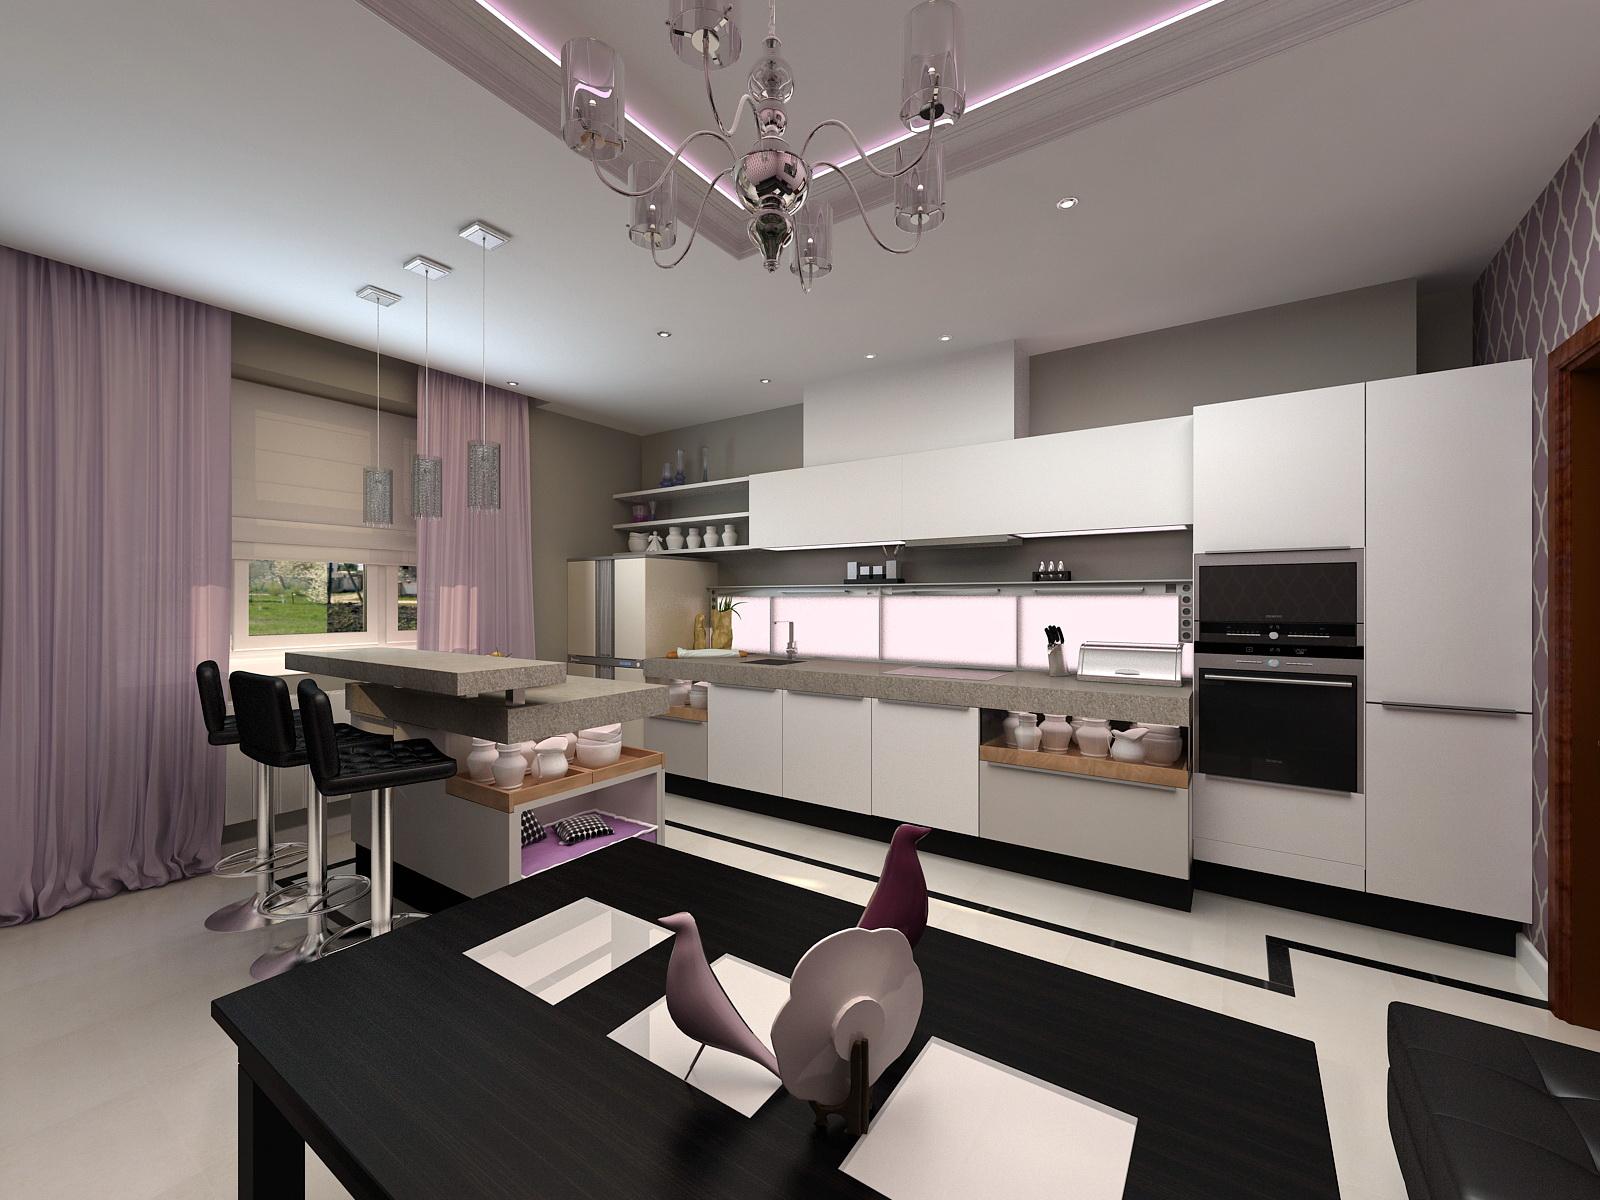 кухня студия 146 фото дизайн интерьера кухни совмещенной с